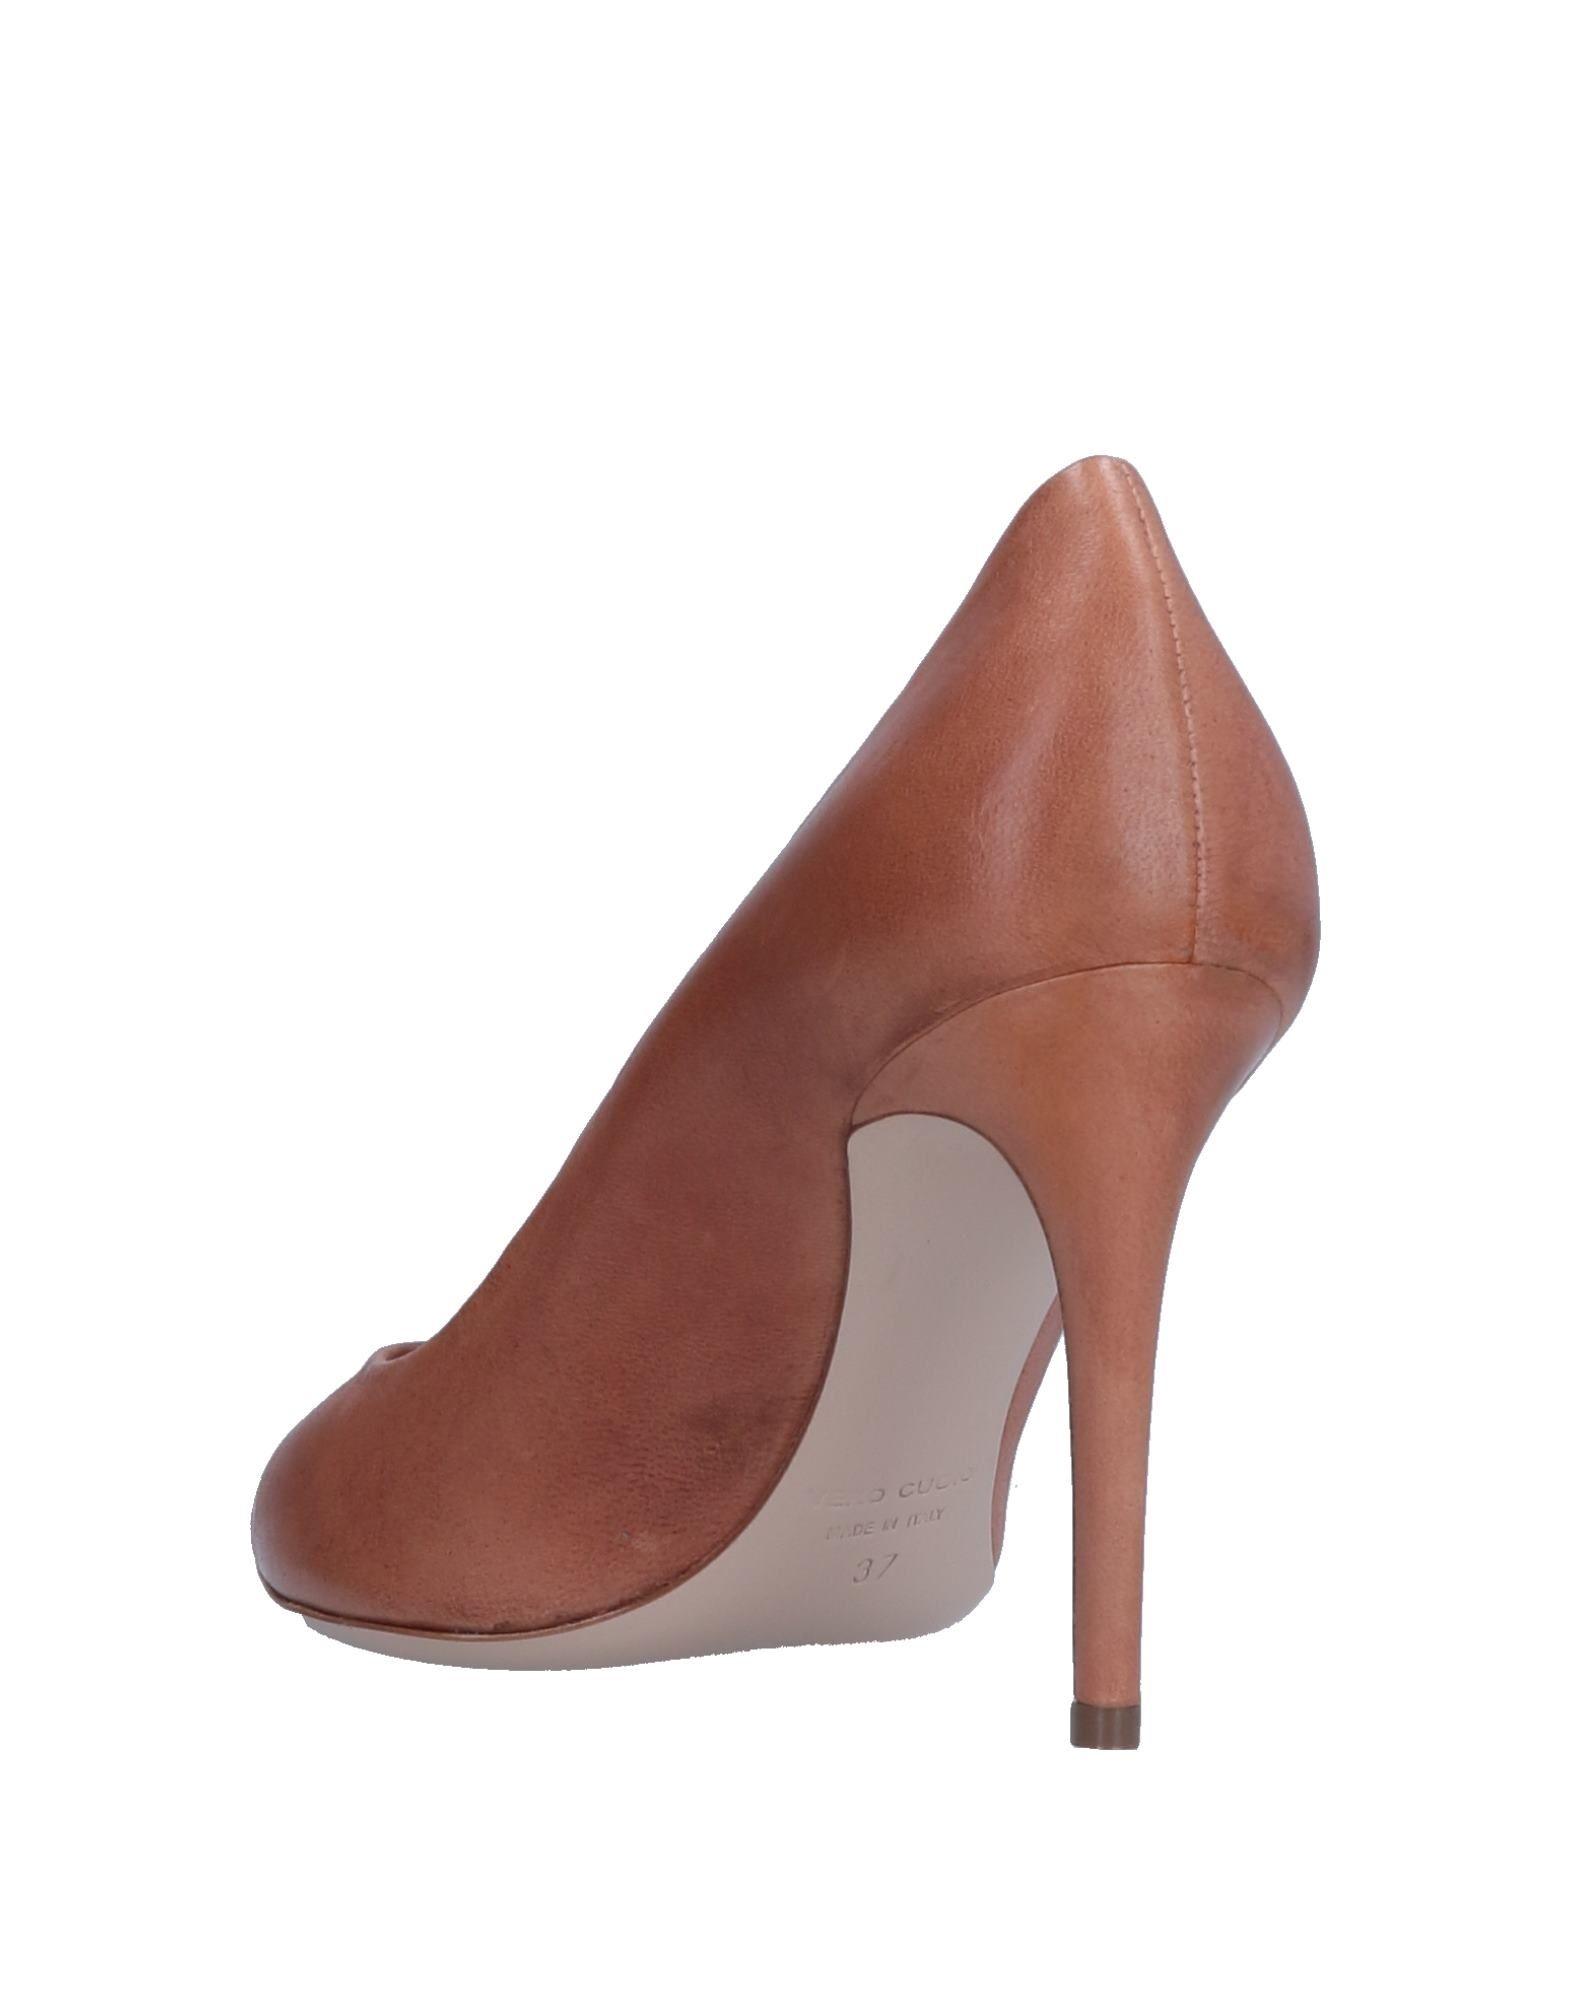 Stilvolle Damen billige Schuhe Deimille Pumps Damen Stilvolle  11557223GX 19c081